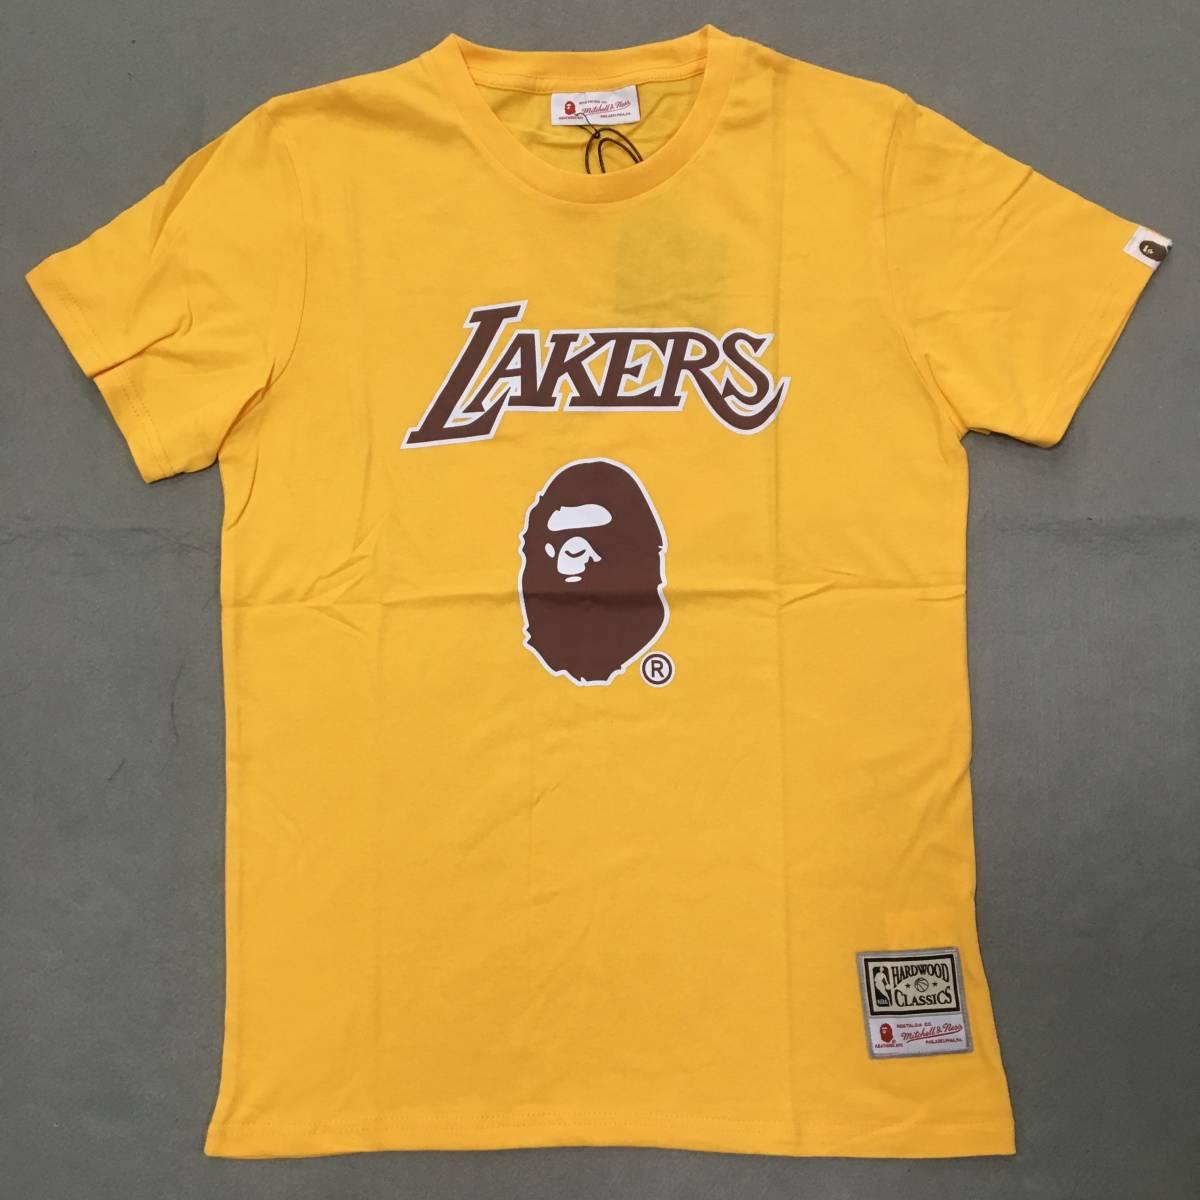 人気 Bape x Mitchell & Ness Tee NBA レイカーズ Lakers 半袖Tシャツ イエロー L NO.93 エイプ 100%綿 新品、未使用 送料無料